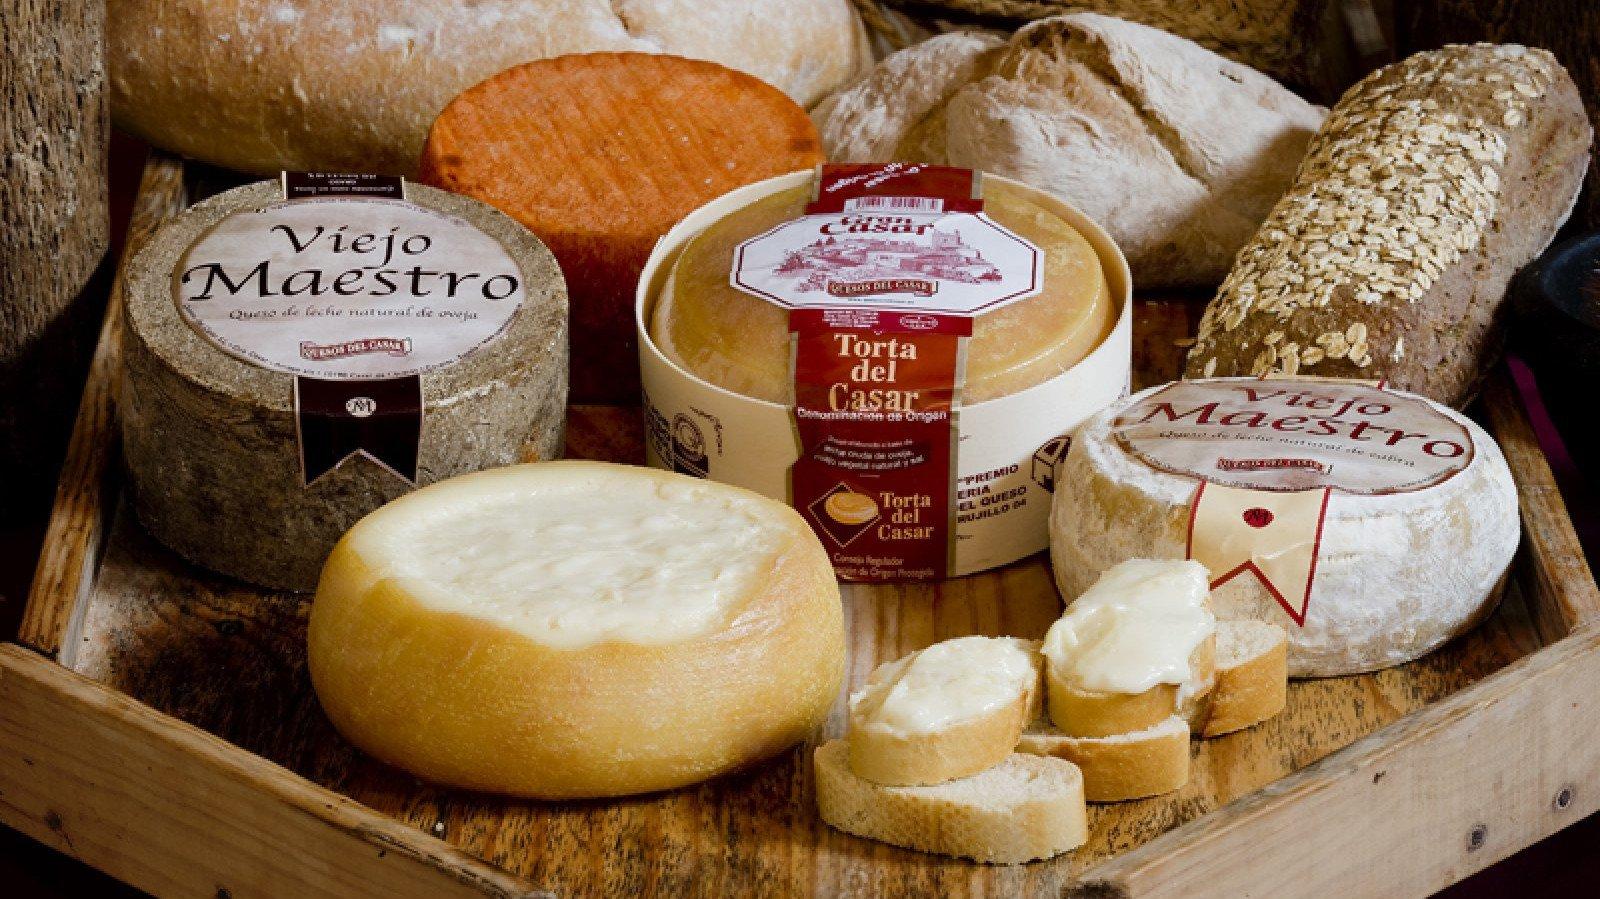 Cáceres produce quesos de DOP tan reconocidos como el Torta del Casar.